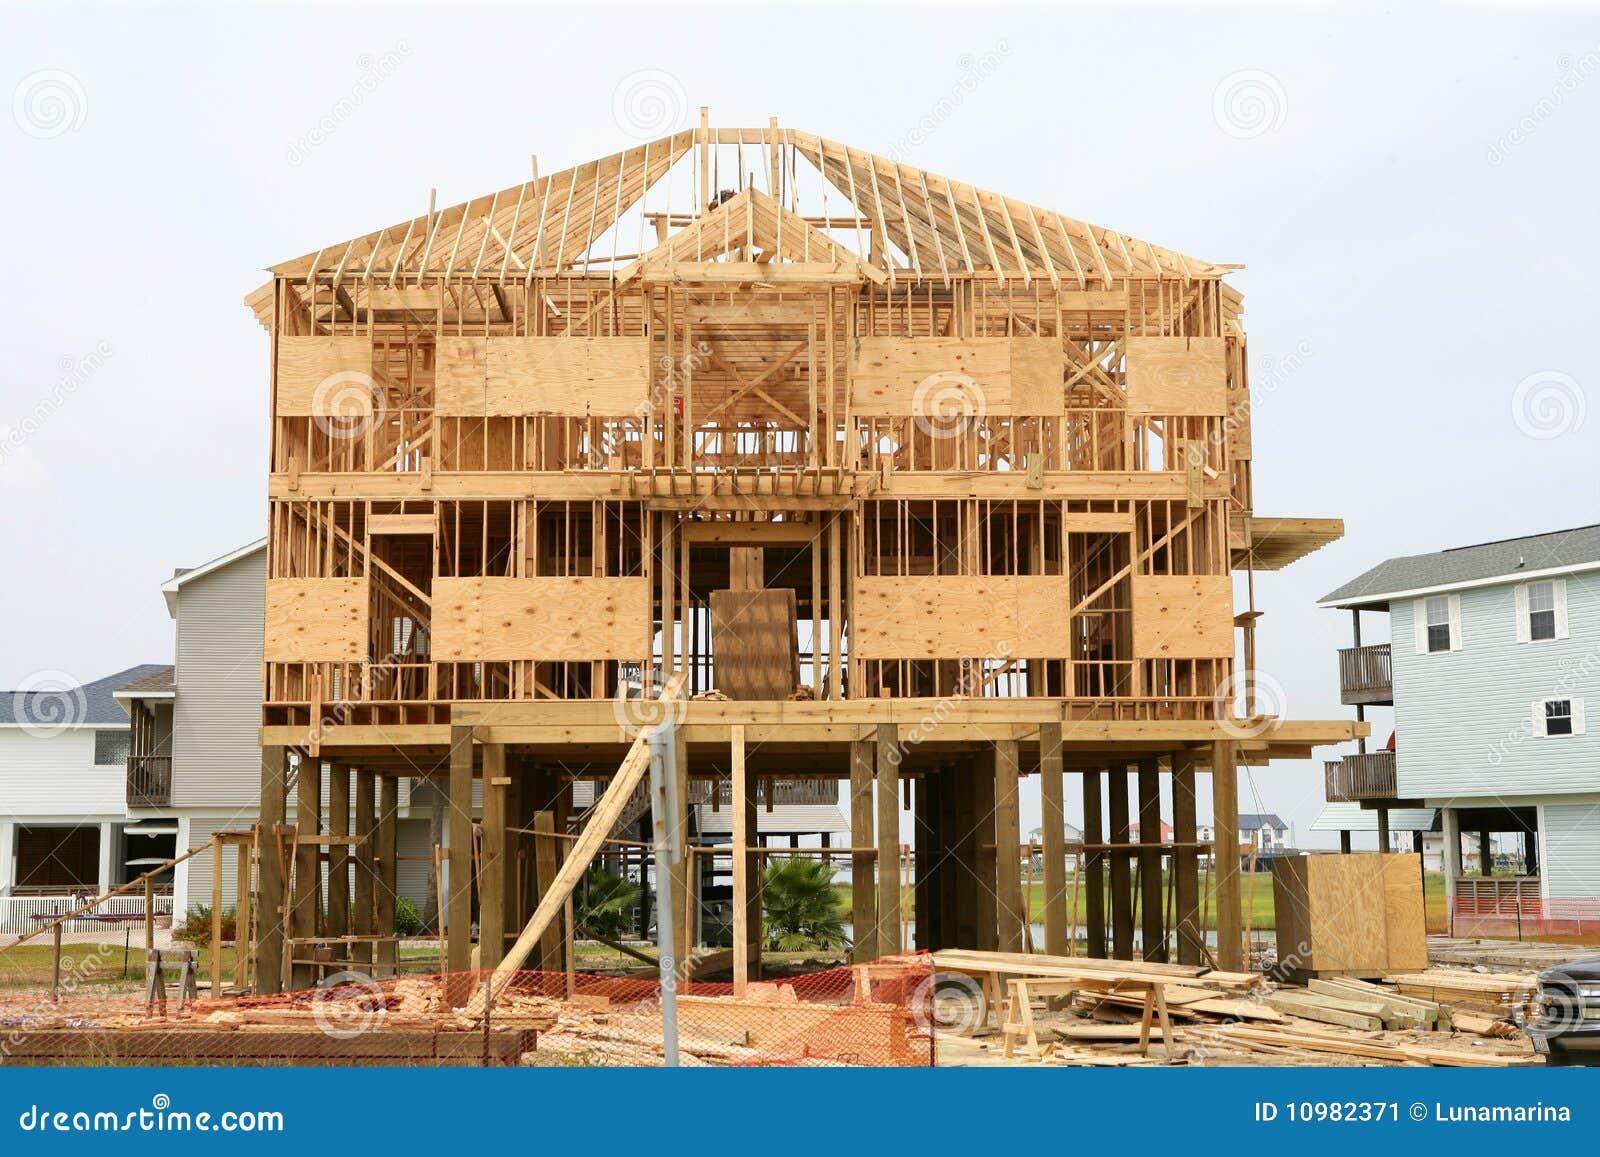 Contruction de la casa de madera estructura de madera americana imagen de archivo imagen - Casas estructura de madera ...